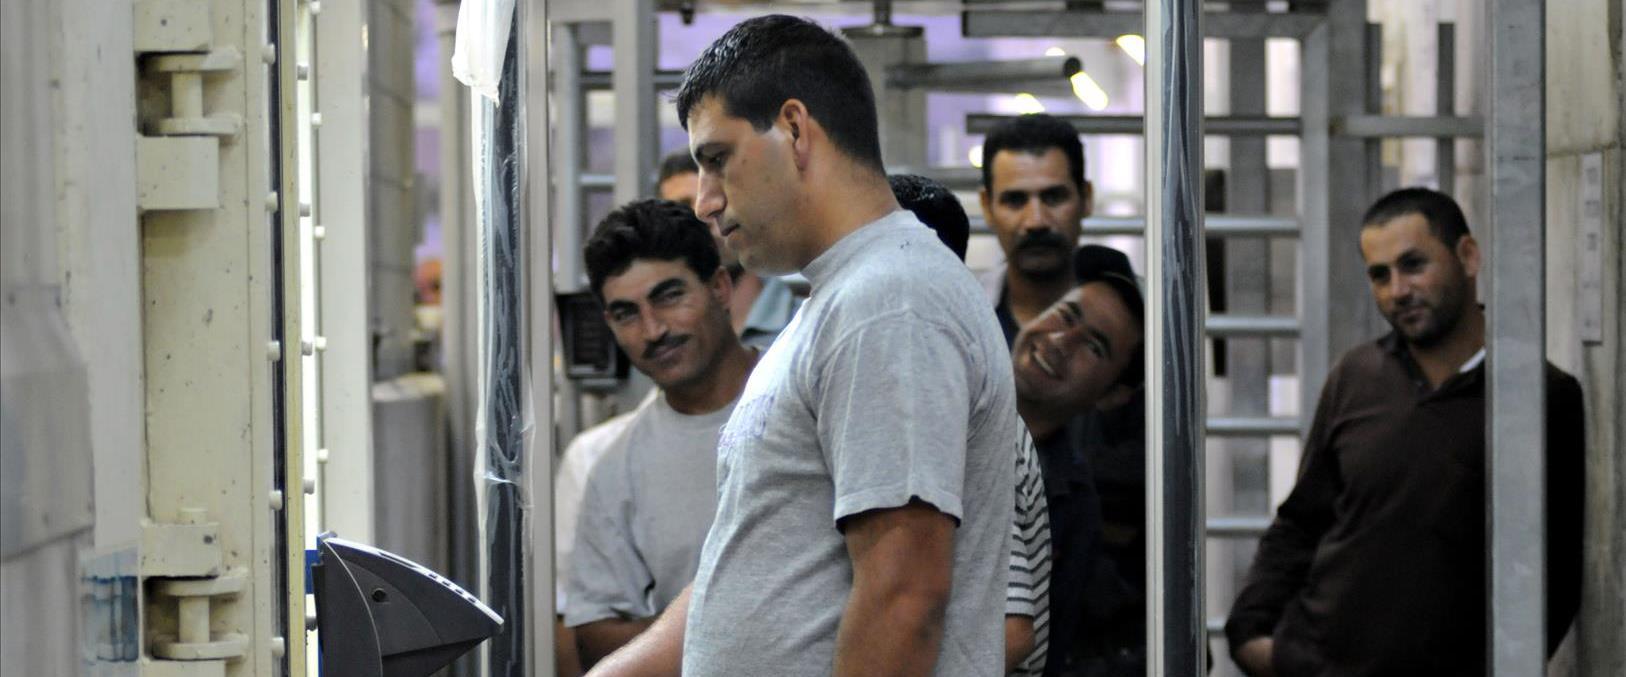 פועלים פלסטינים במעבר מכבים